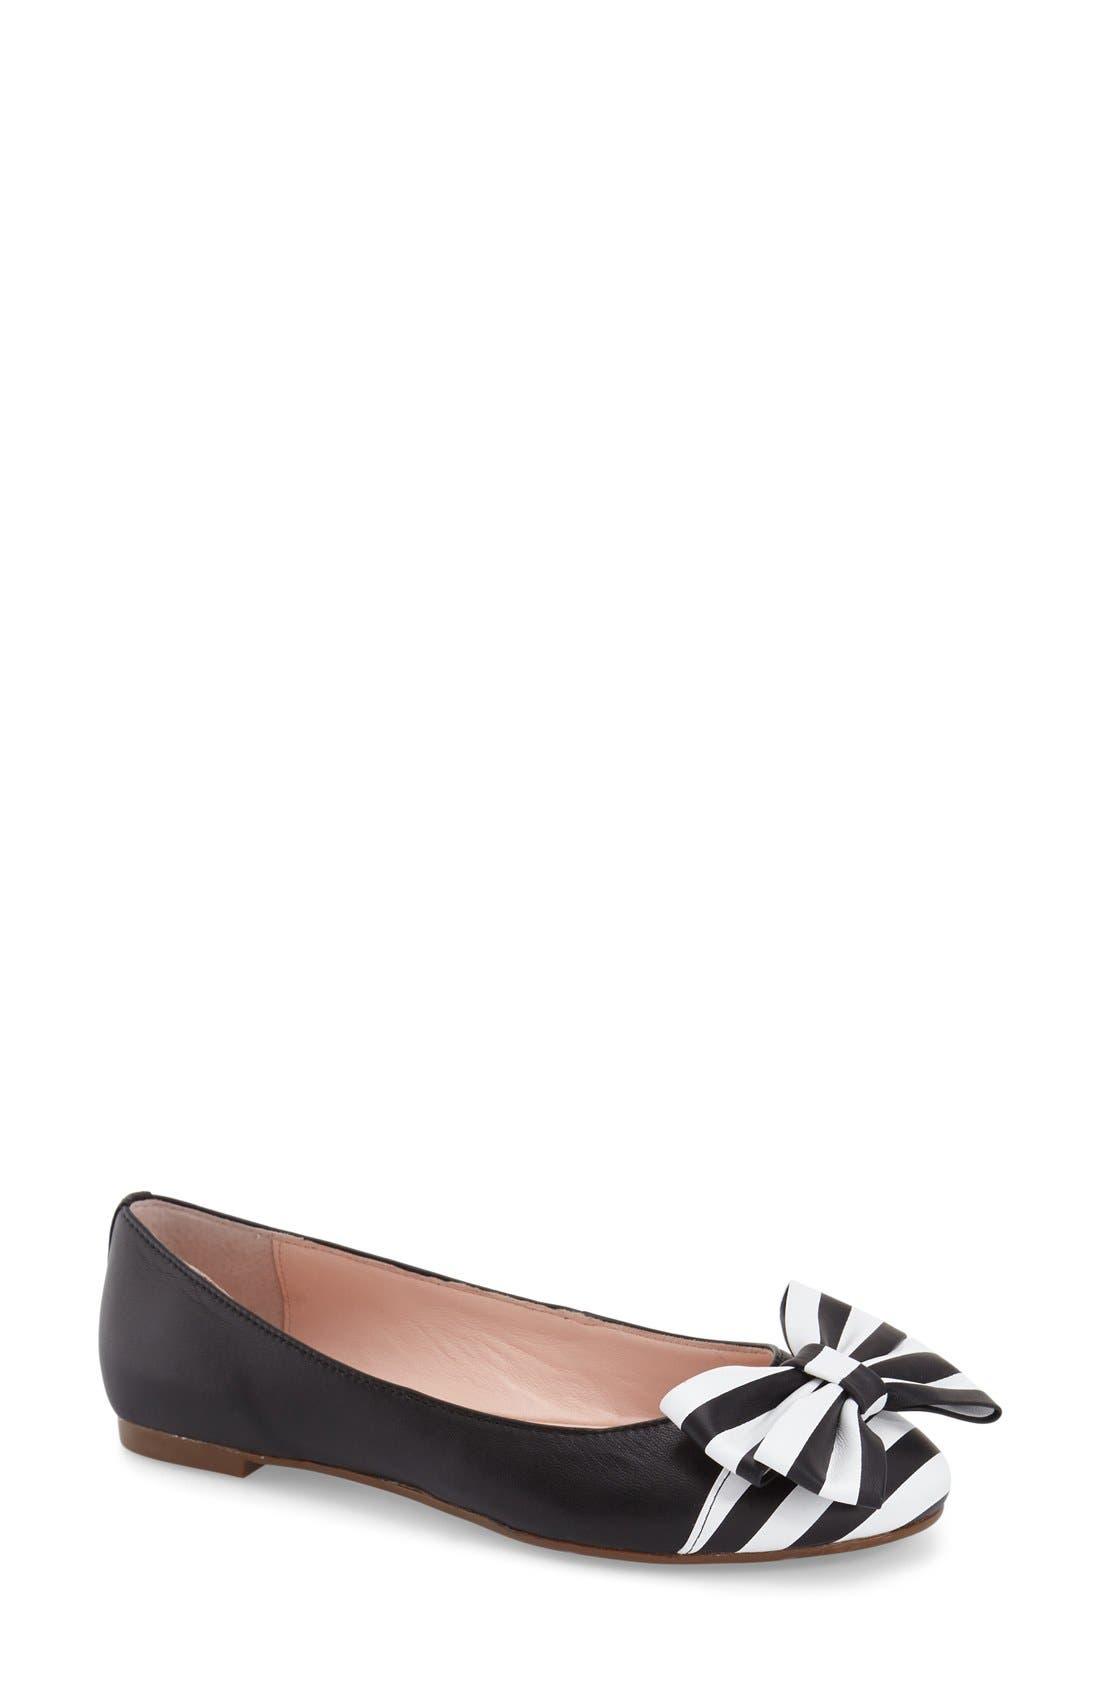 Main Image - kate spade new york 'wallace' cap toe flat (Women)